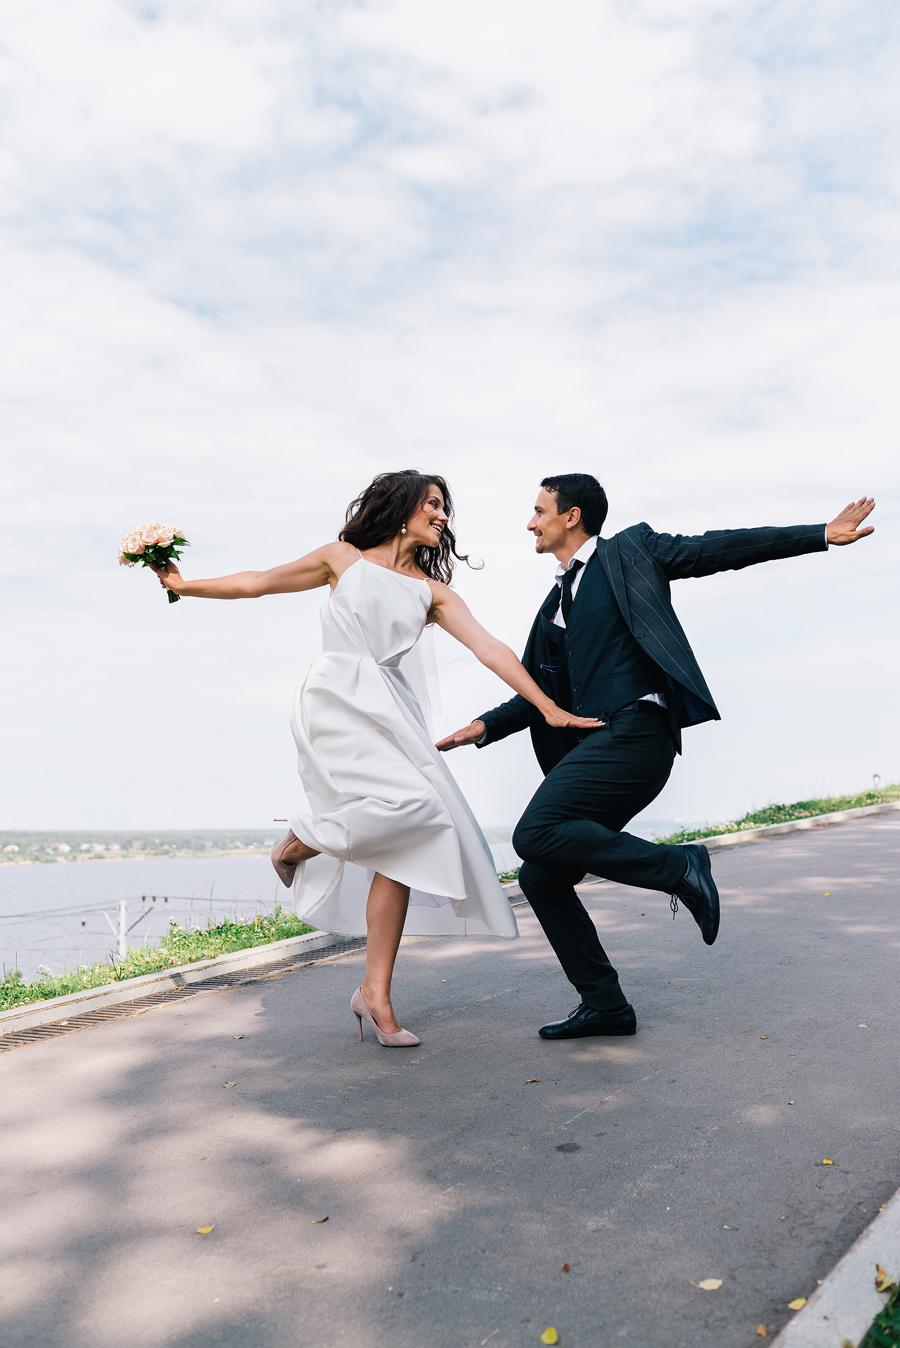 Свадьба Ла Ла Ленд